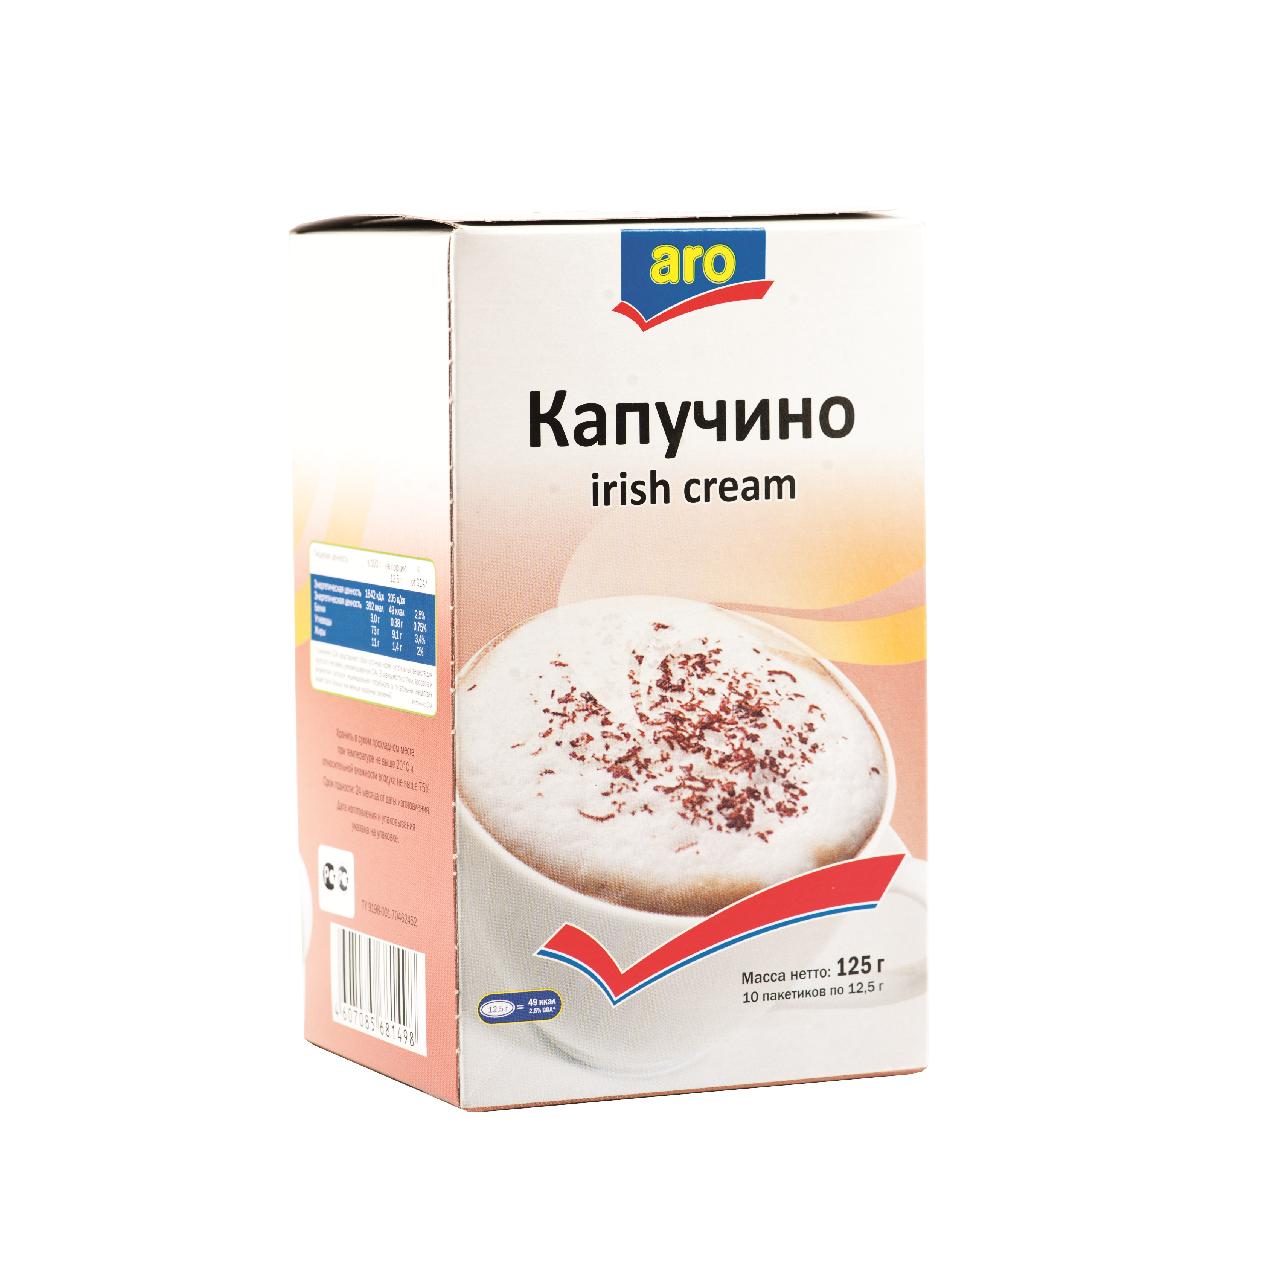 125Г ARO КАПУЧИНО АЙРИШ КРЕМ